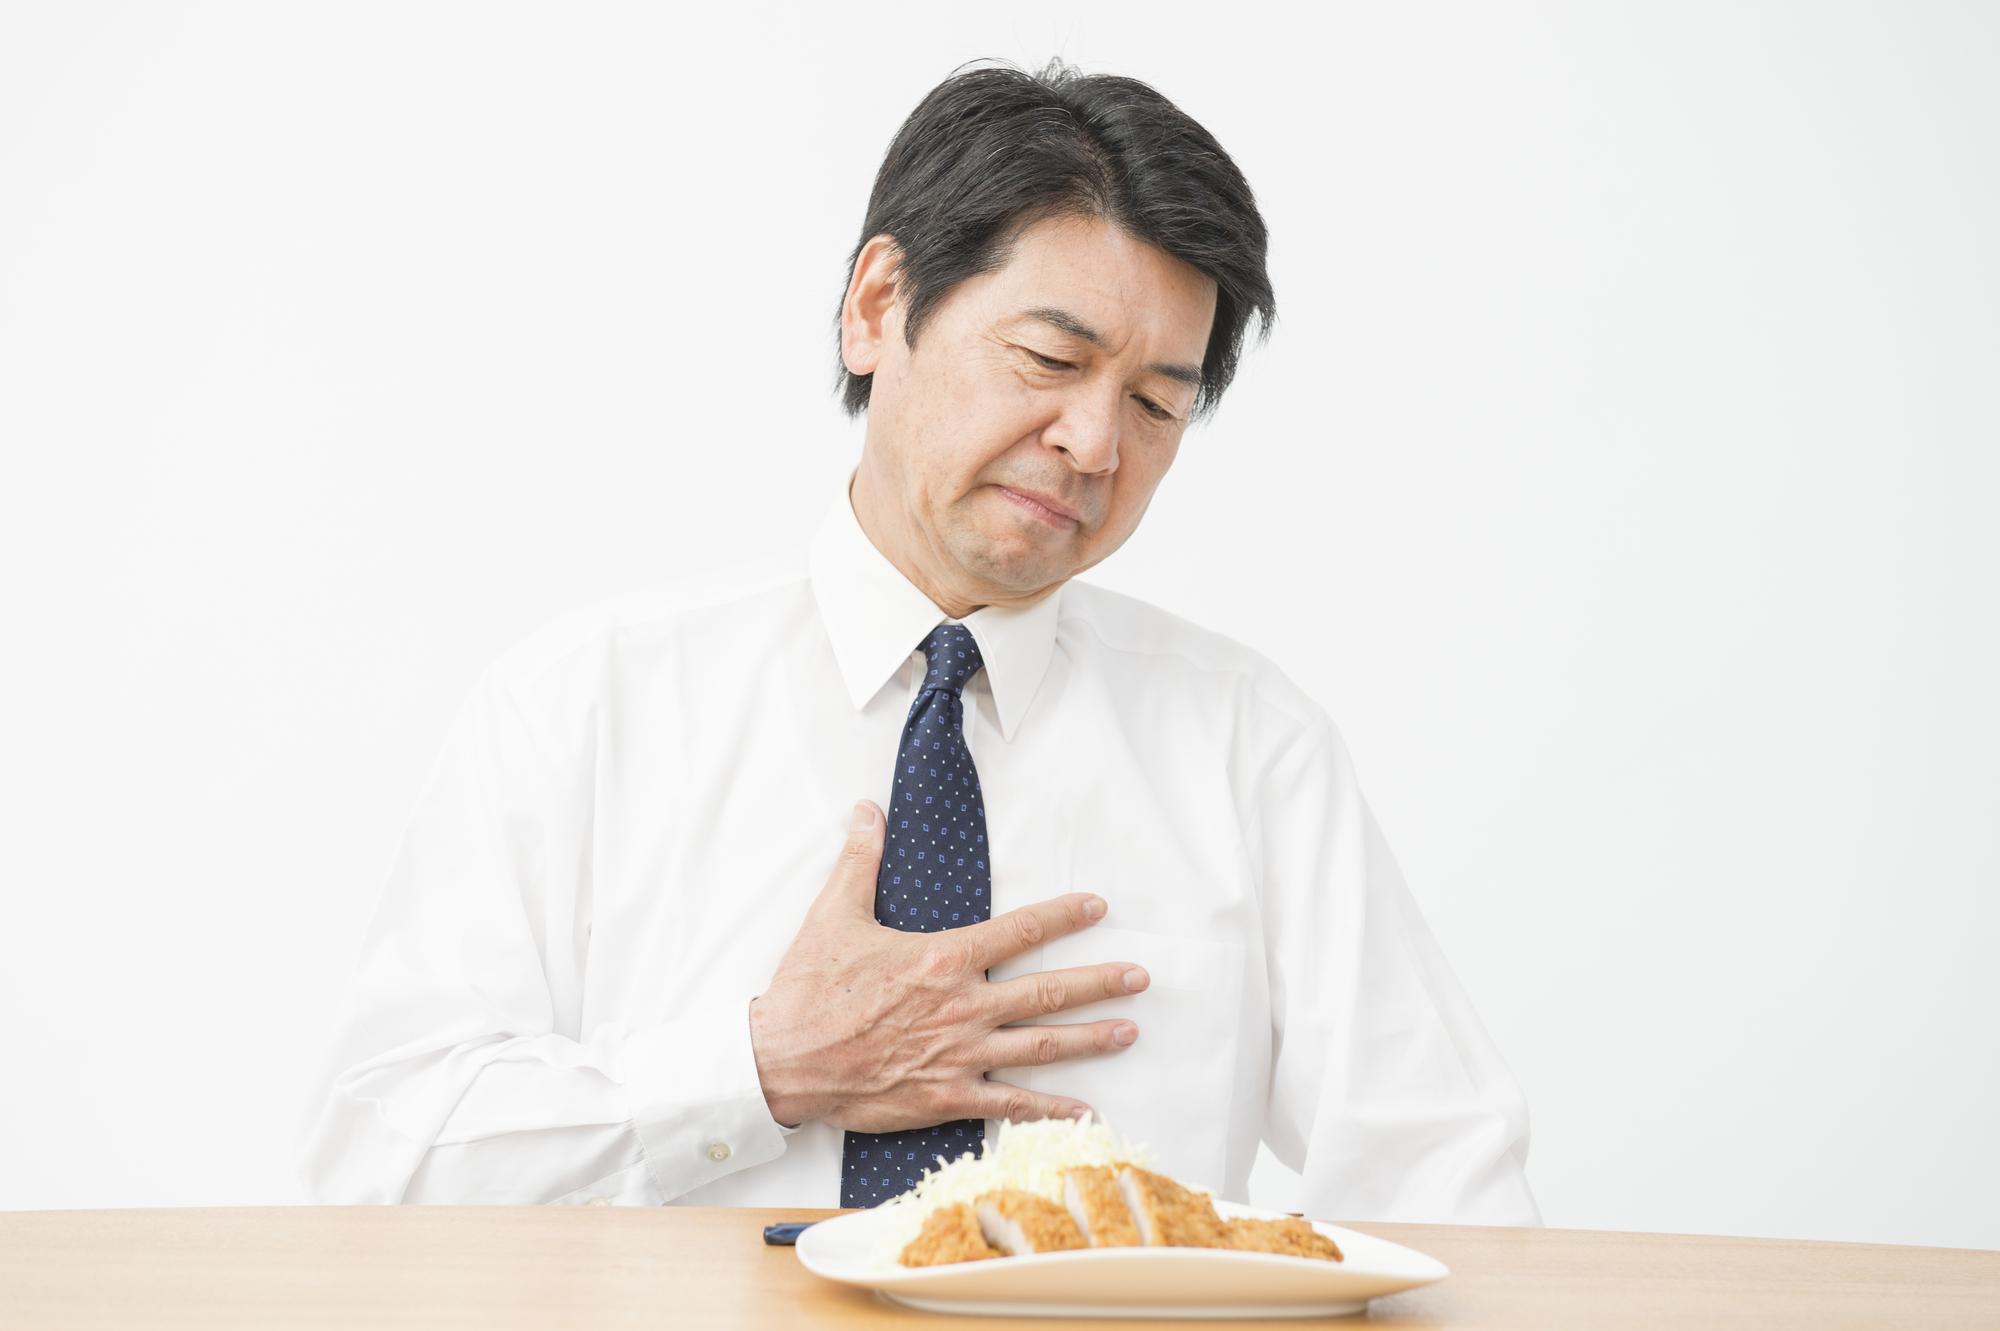 逆流性食道炎とストレスや自律神経との関連性について